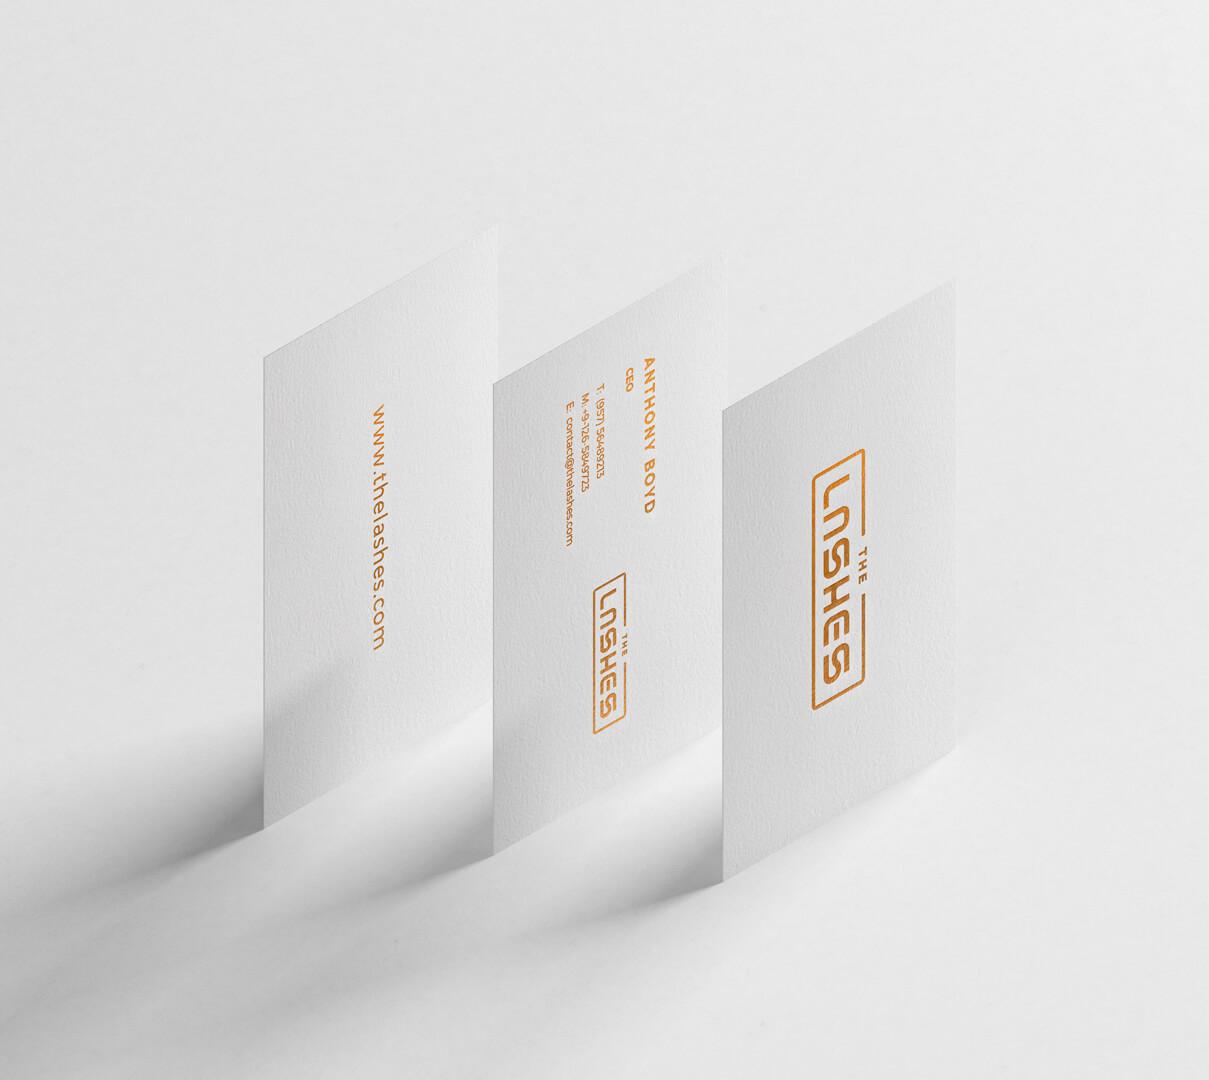 Brand Identity Design in Kochi - Brand Identity Design in Kerala